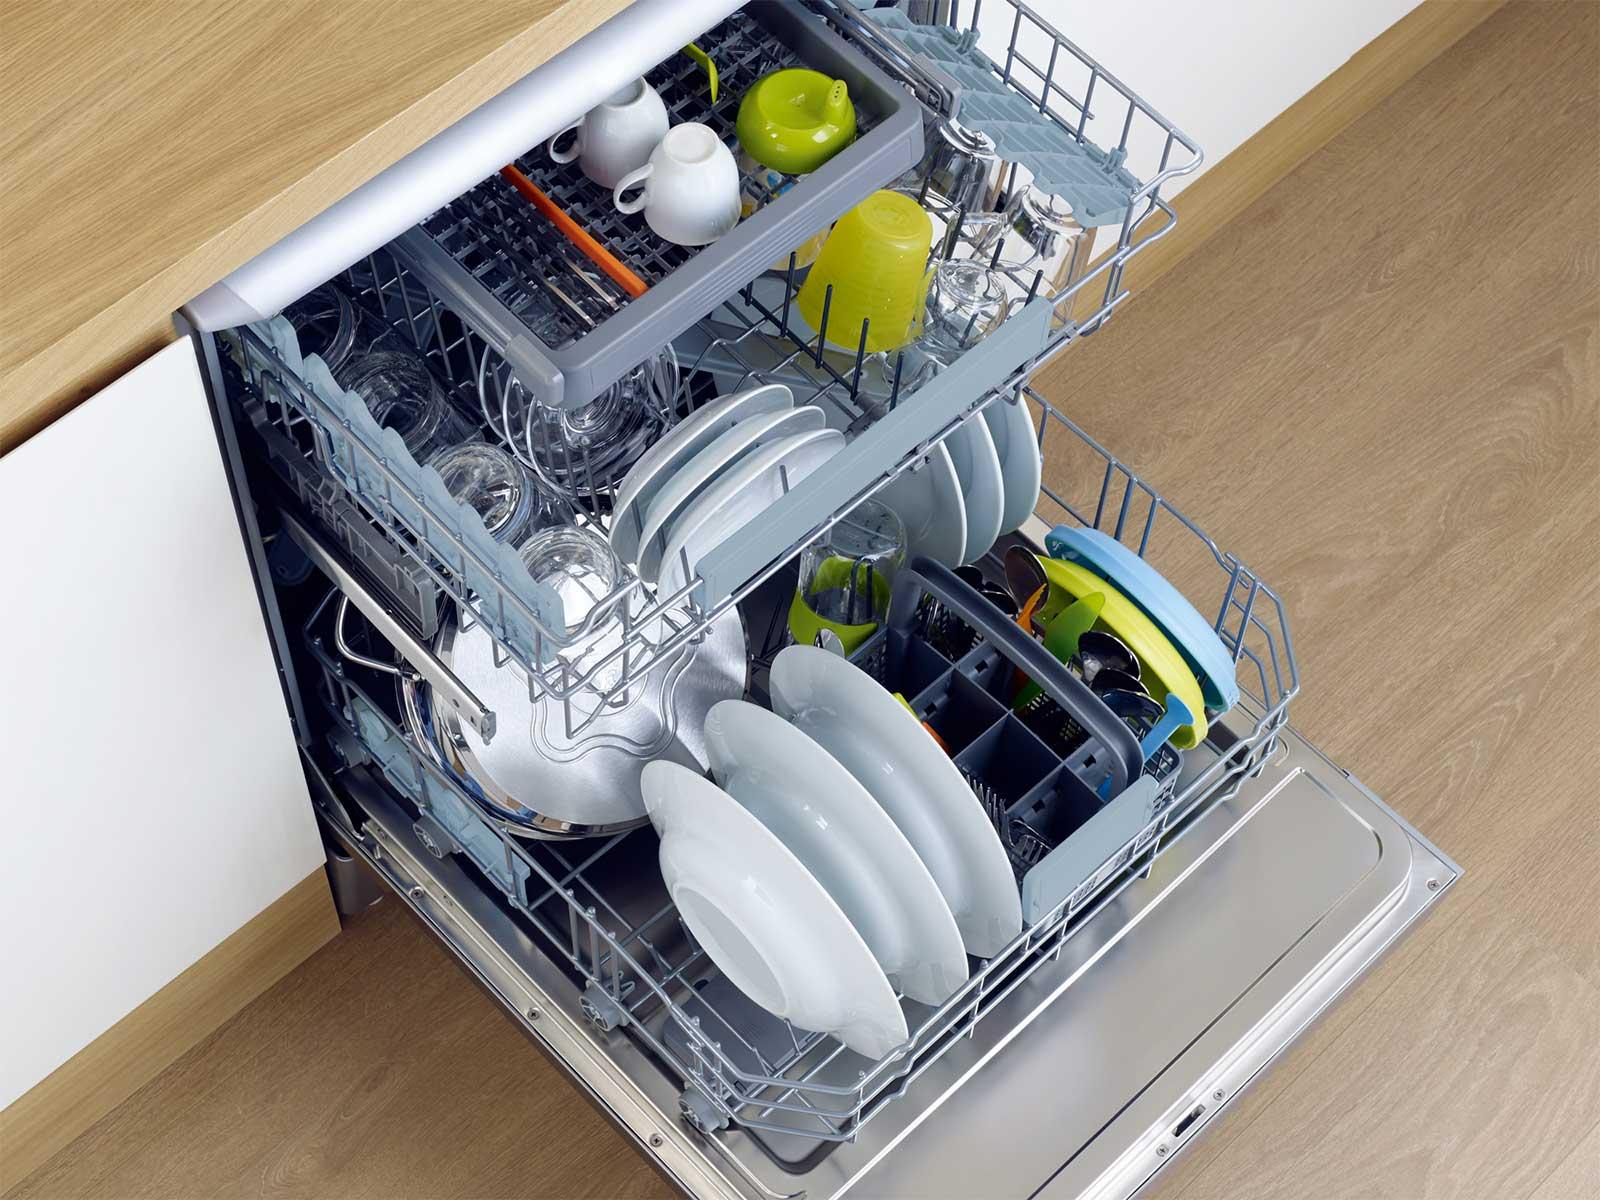 Фото посуды в посудомоечной машине